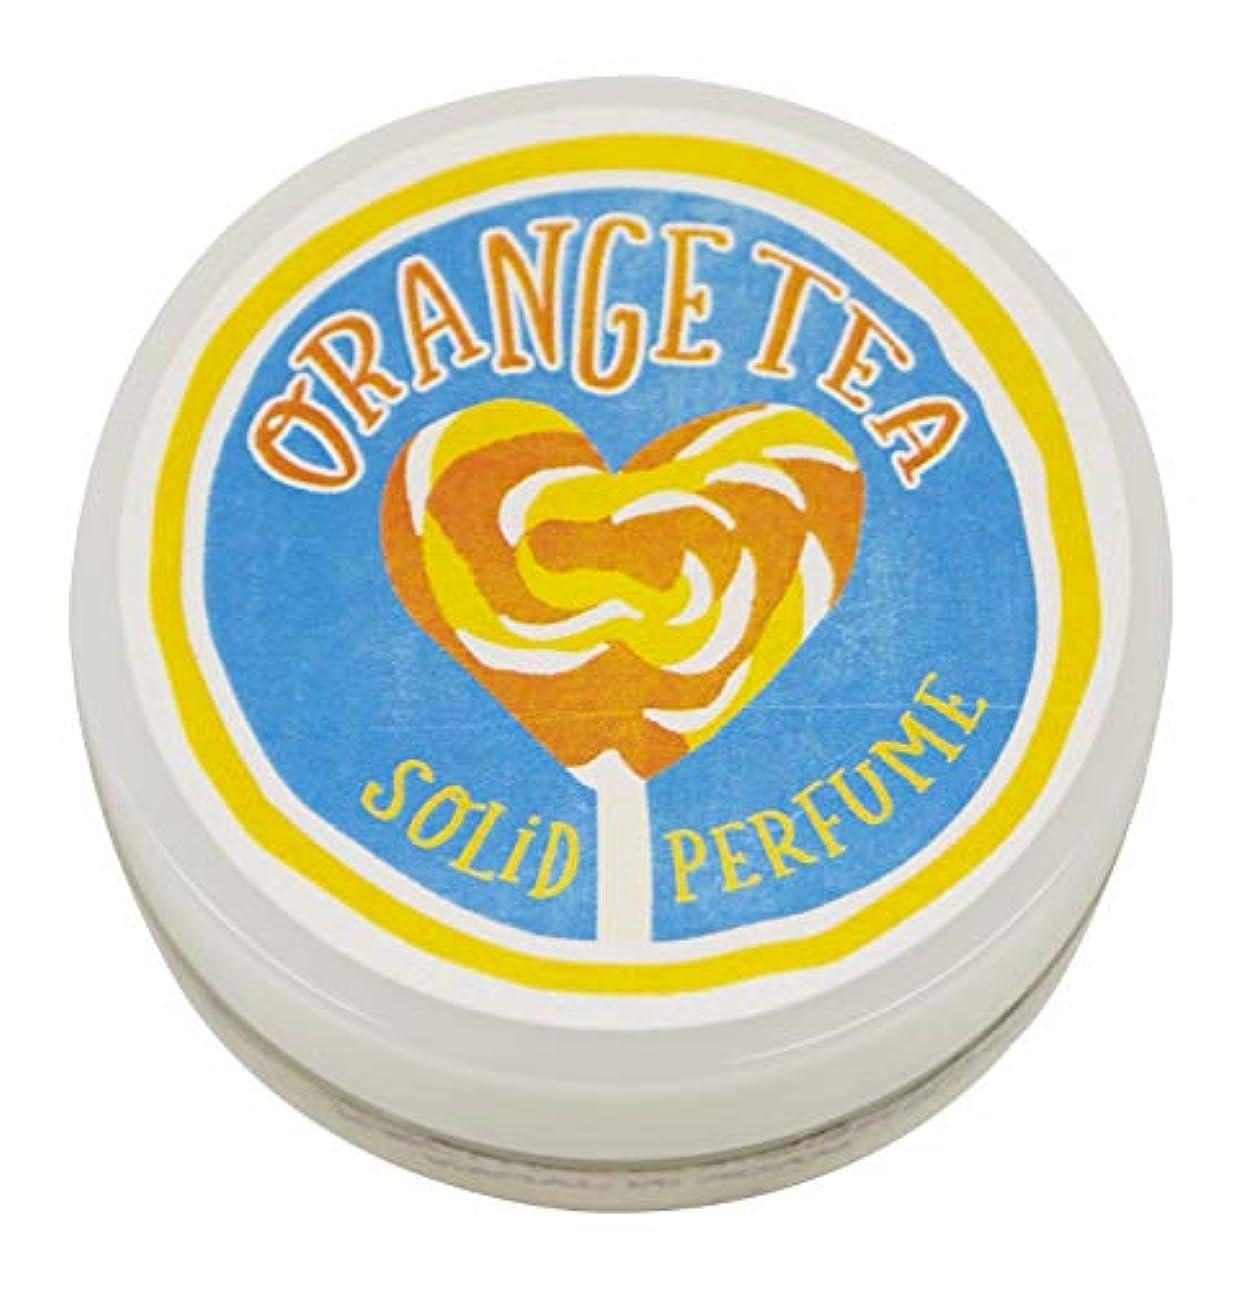 忘れられないトピックかもめコトラボ 練り香水 8g オレンジティー